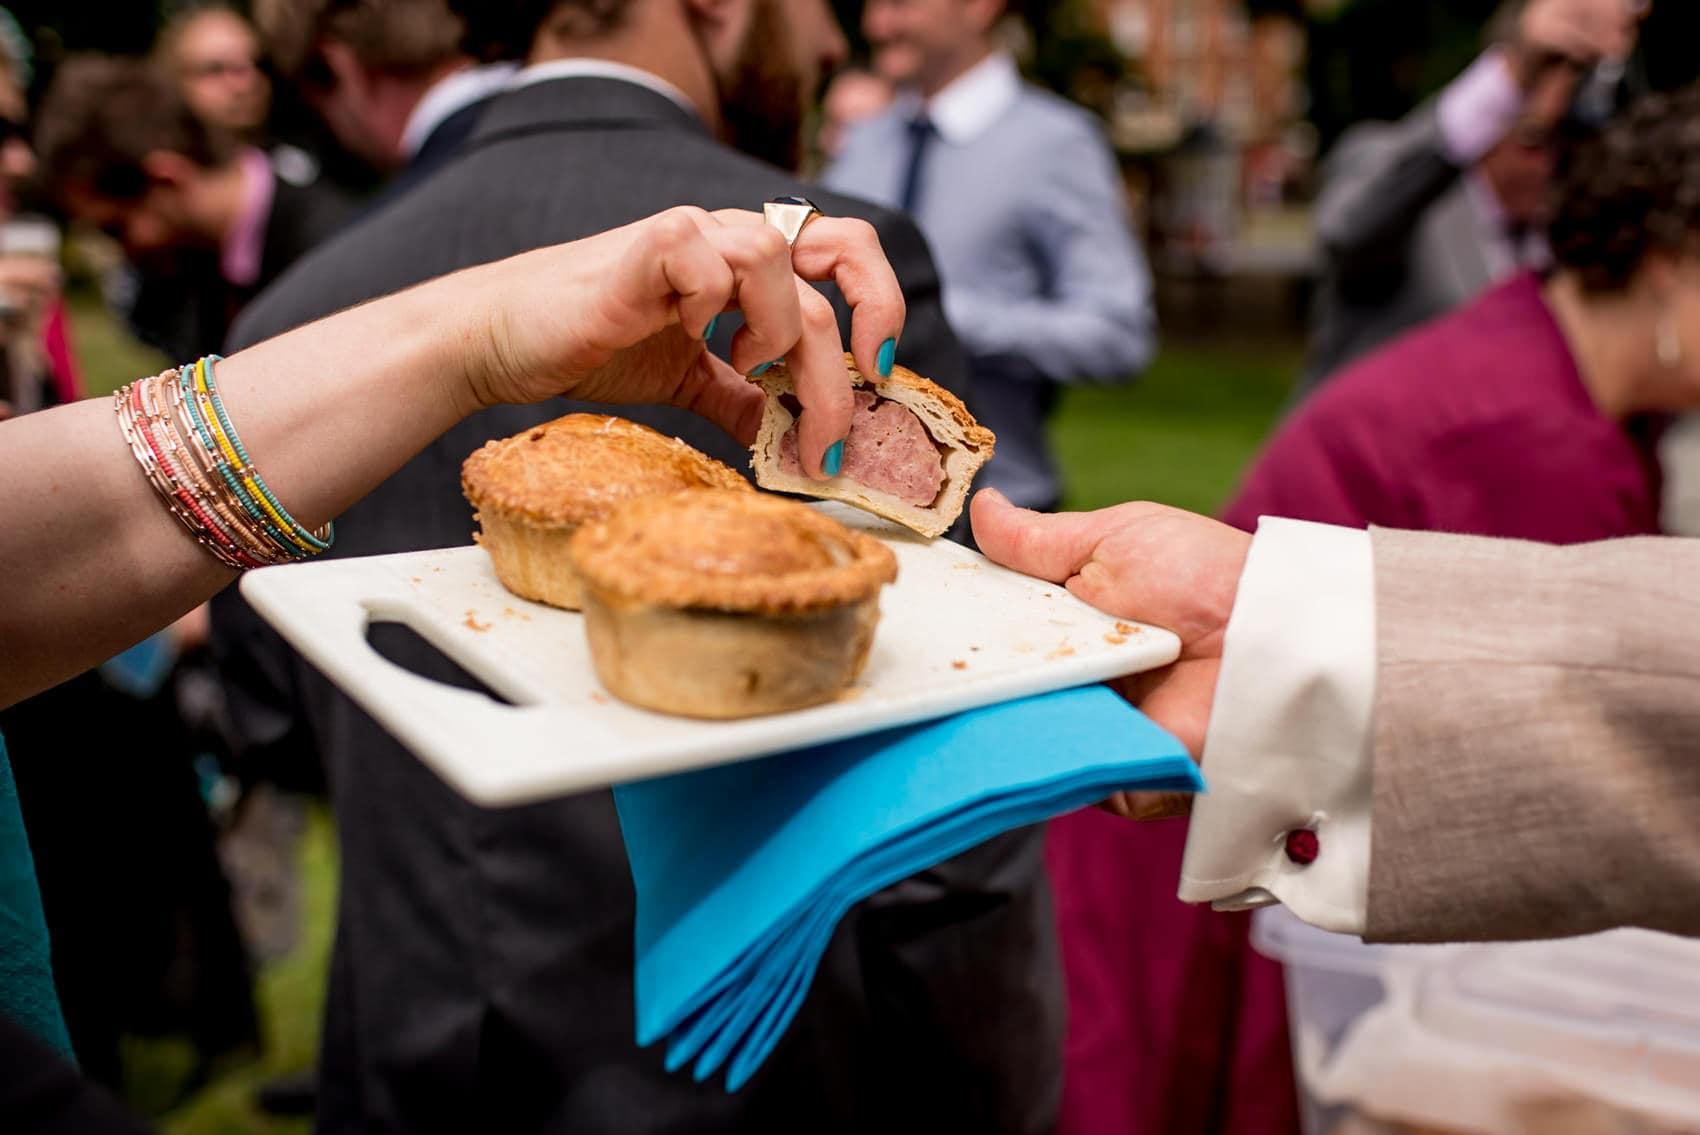 pork pies at this picnic wedding